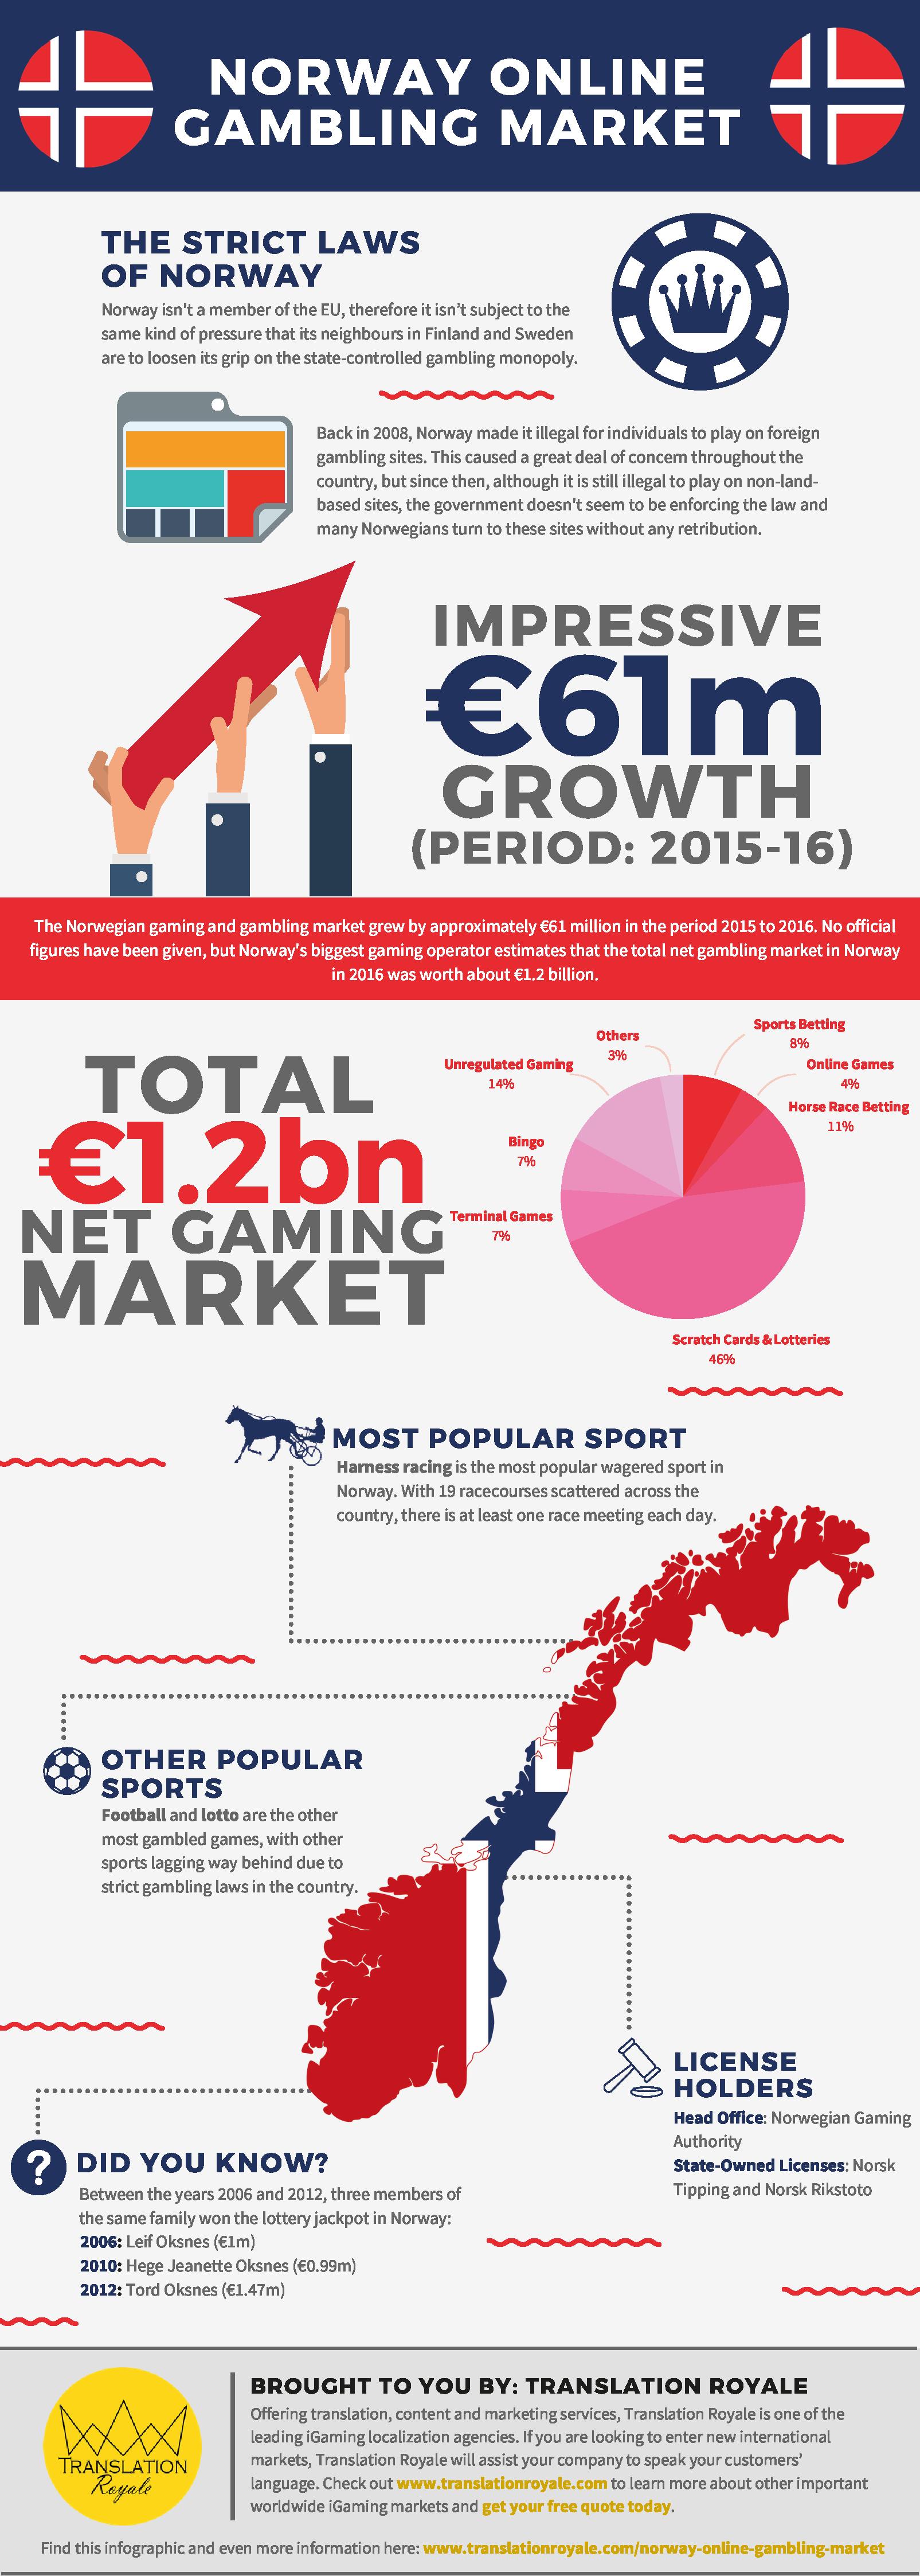 Norway Online Gambling Market Infographic